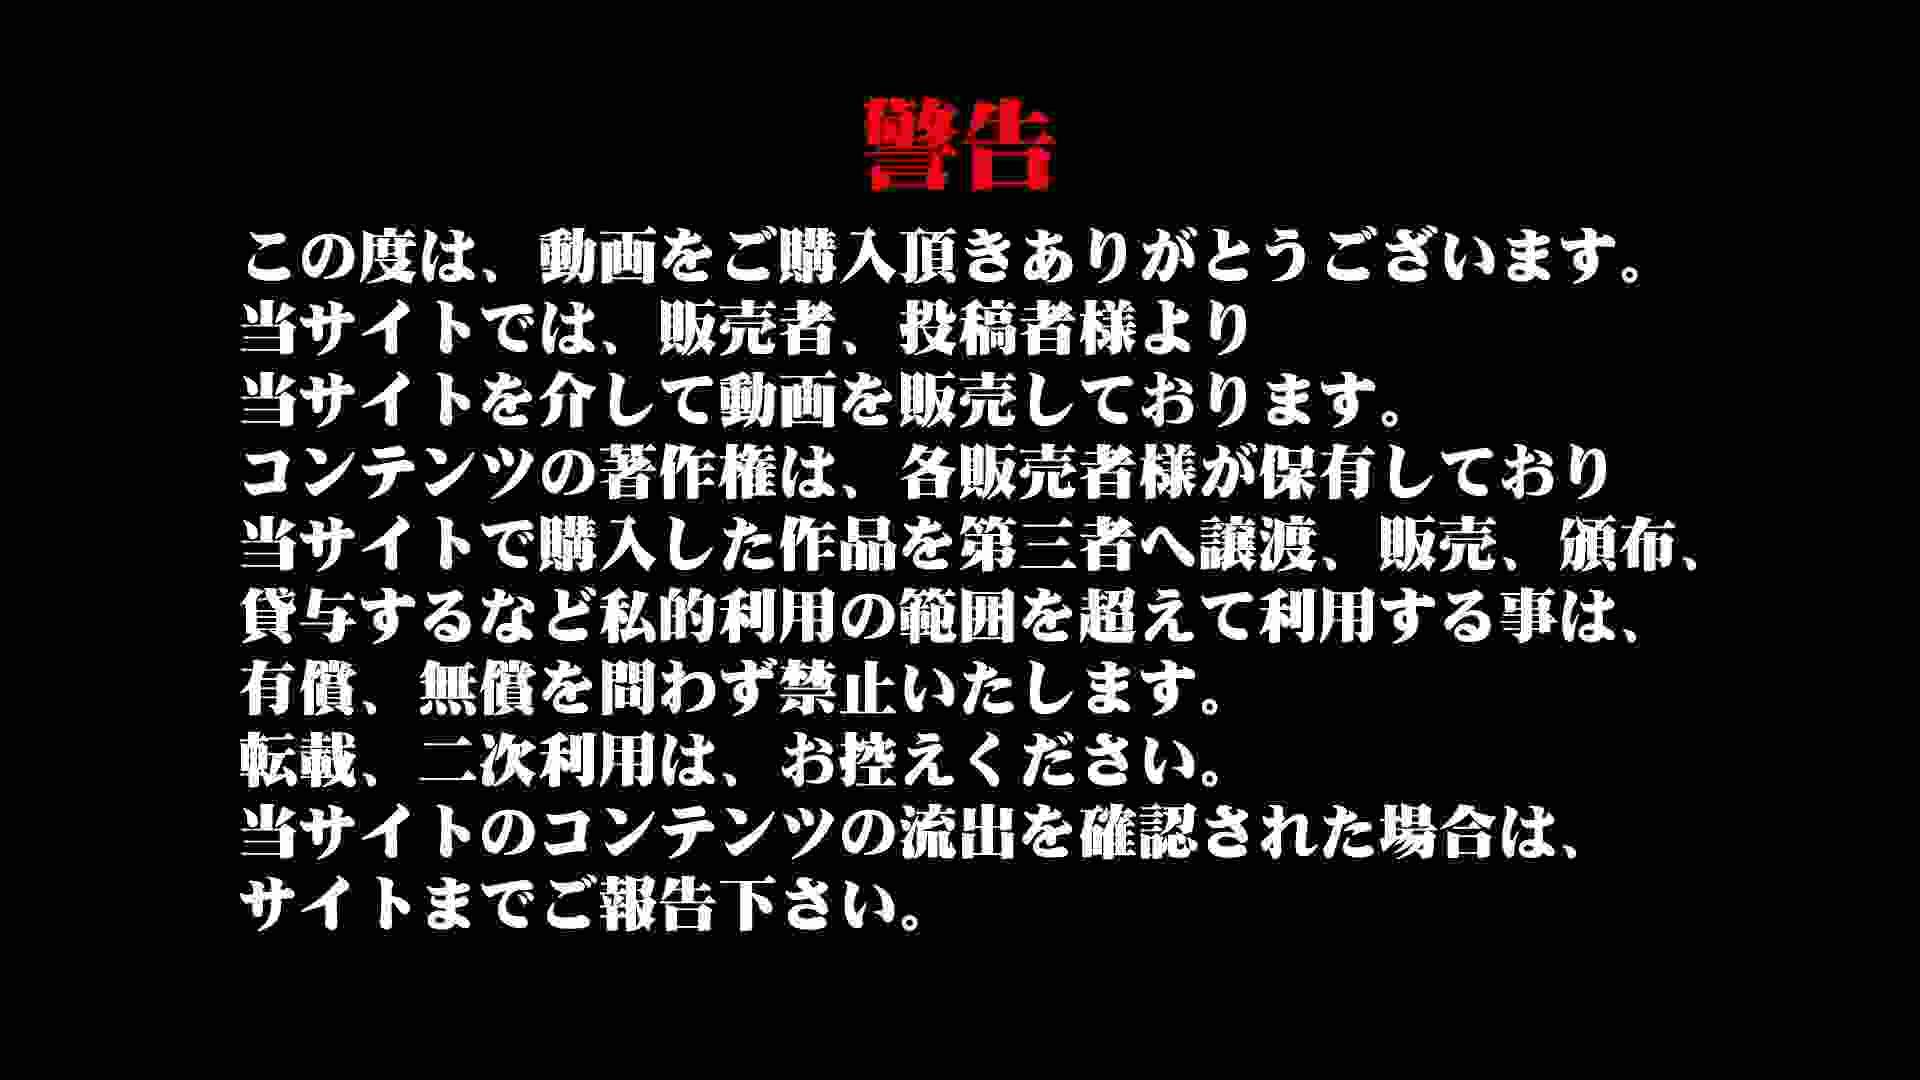 Aquaな露天風呂Vol.921 盗撮特集 | 露天  93画像 5